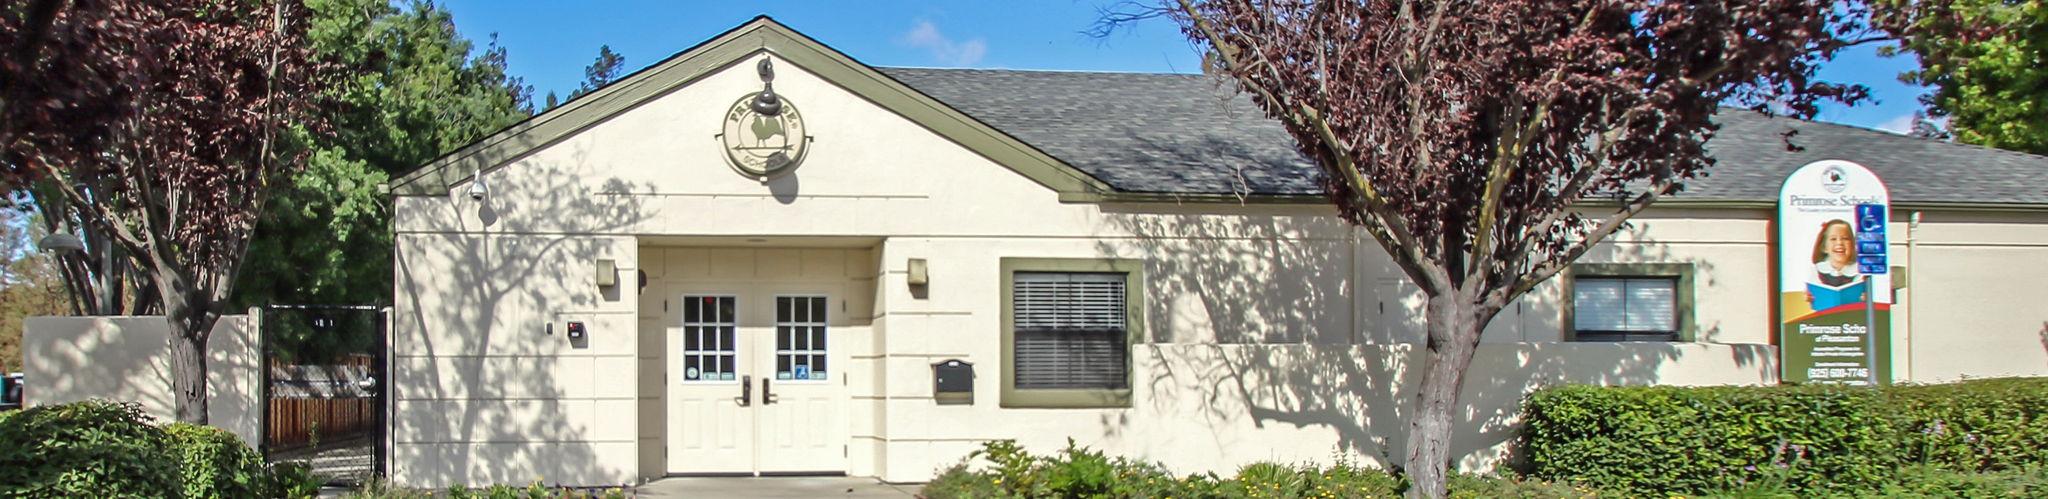 Exterior of a Primrose School of Pleasanton